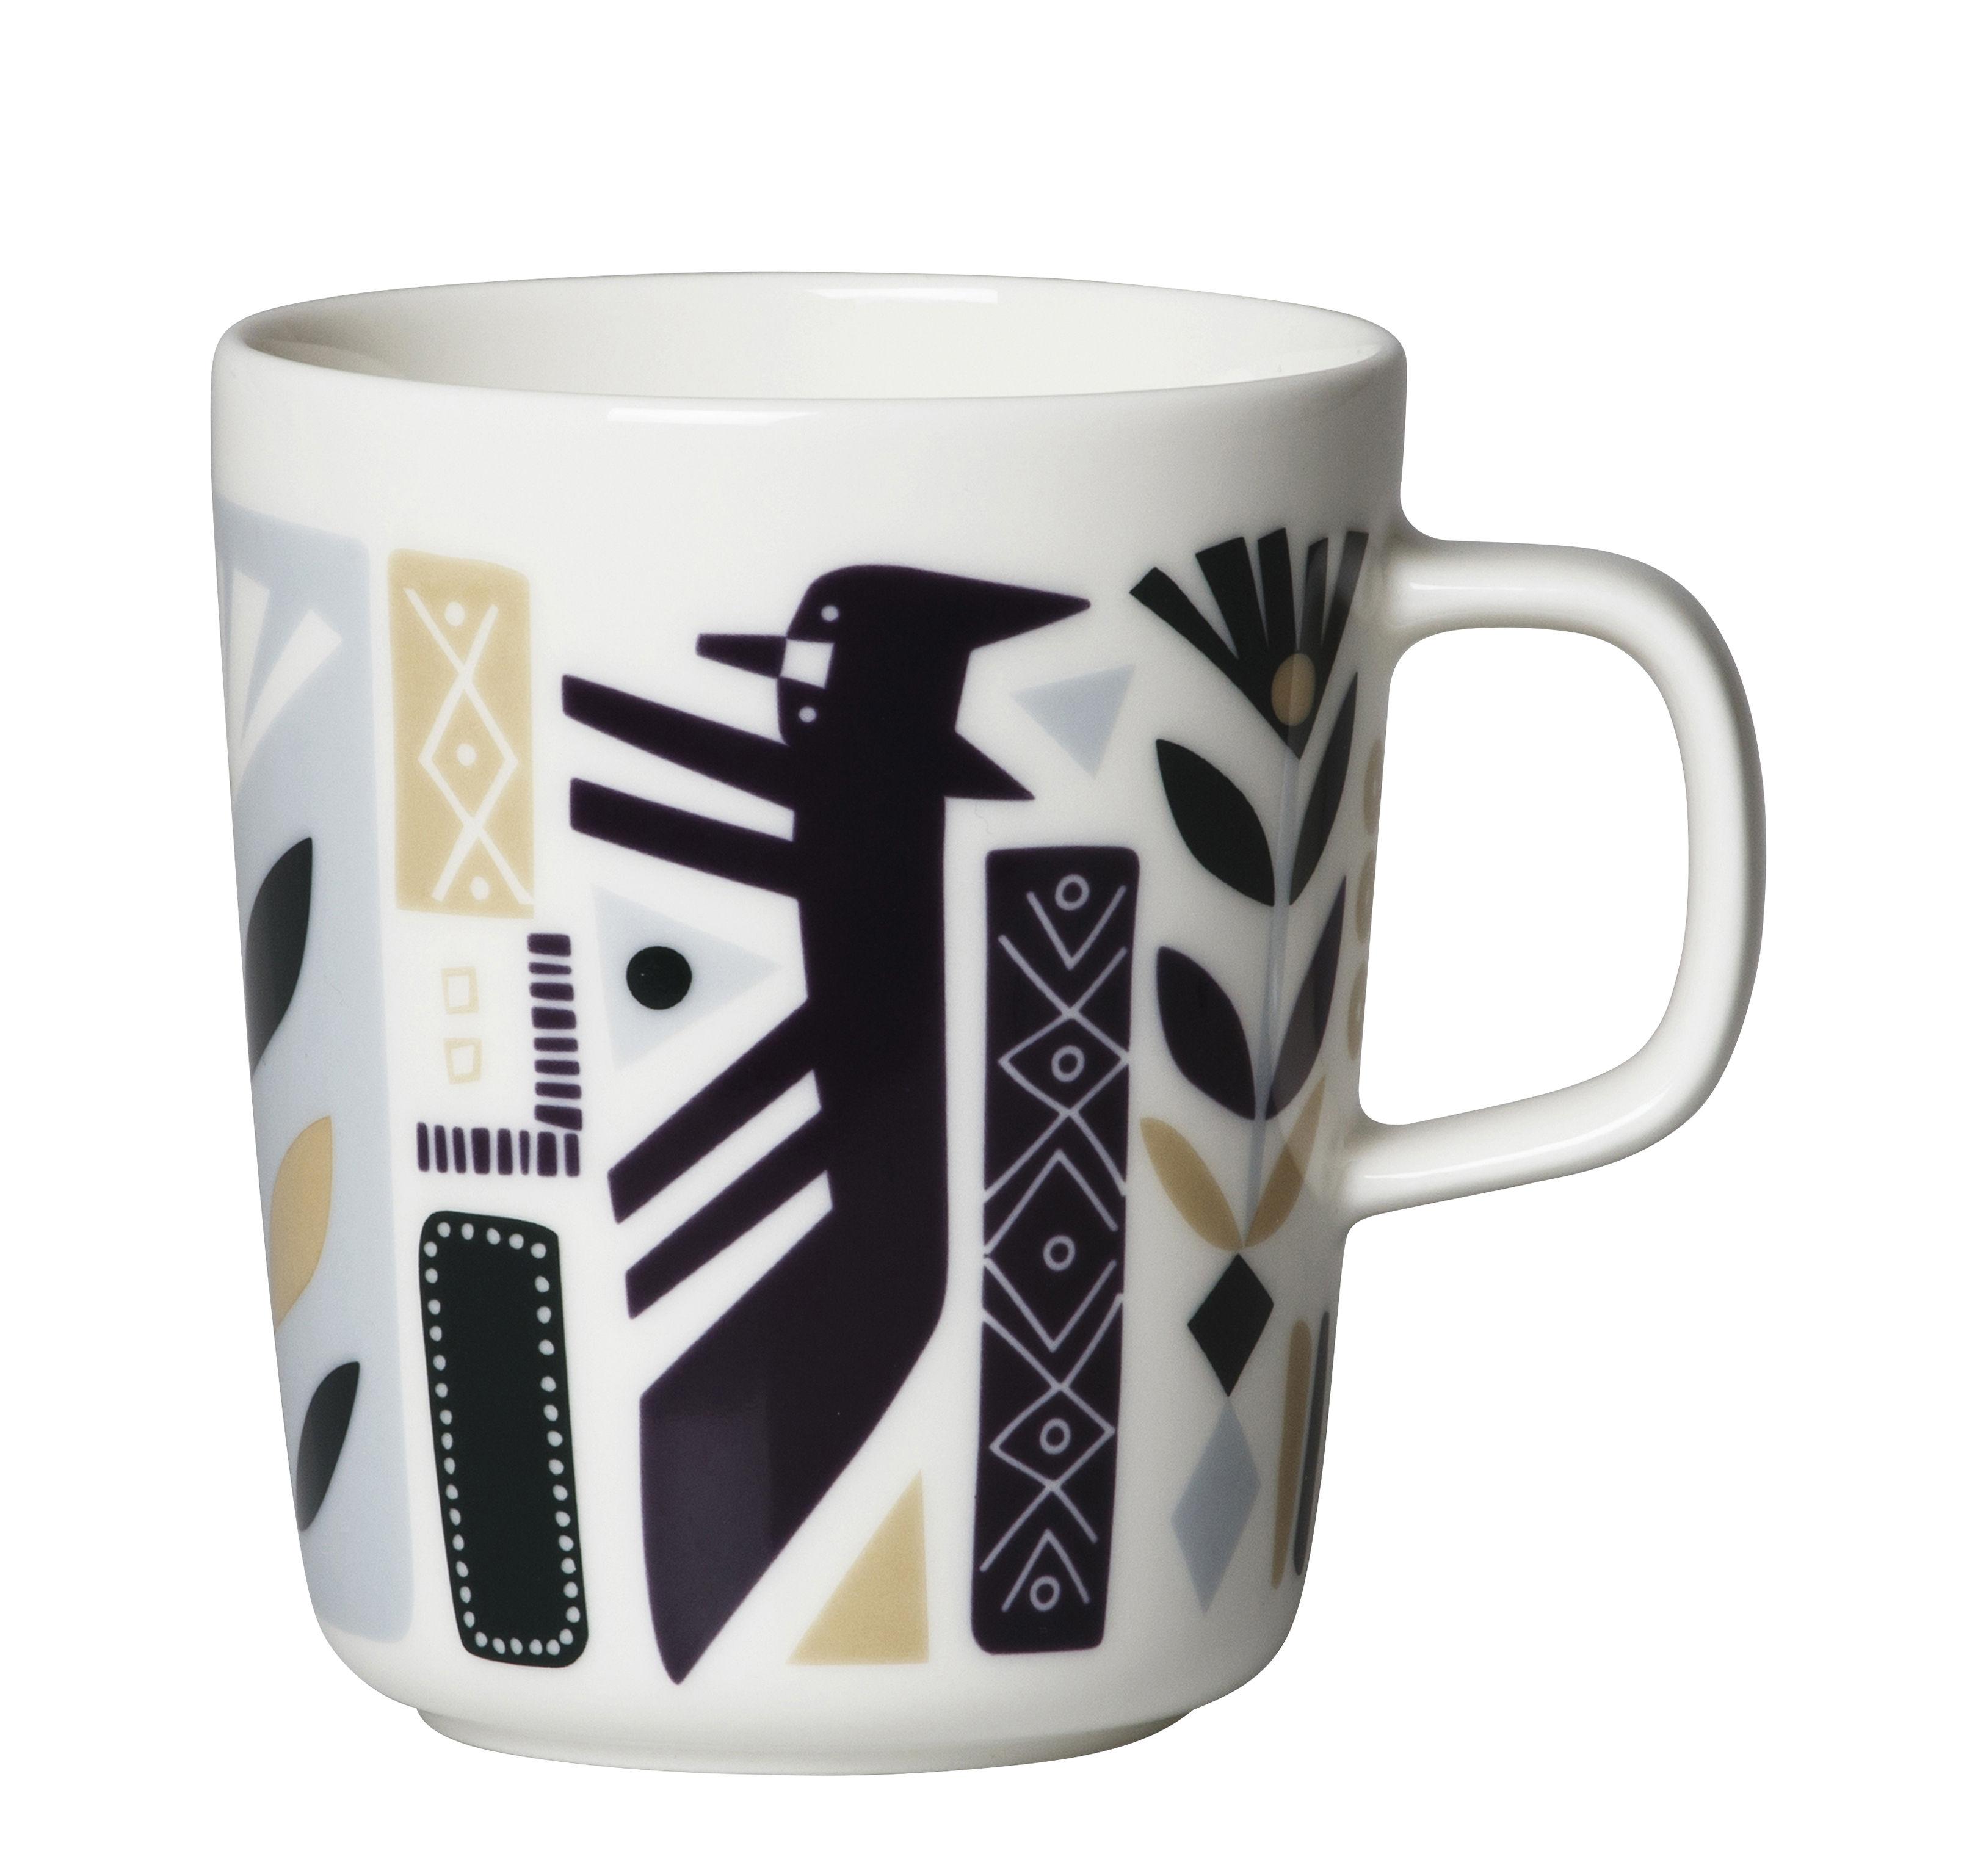 Arts de la table - Tasses et mugs - Mug Svaale / 25 cl - Marimekko - Svaale / Multicolore - Grès